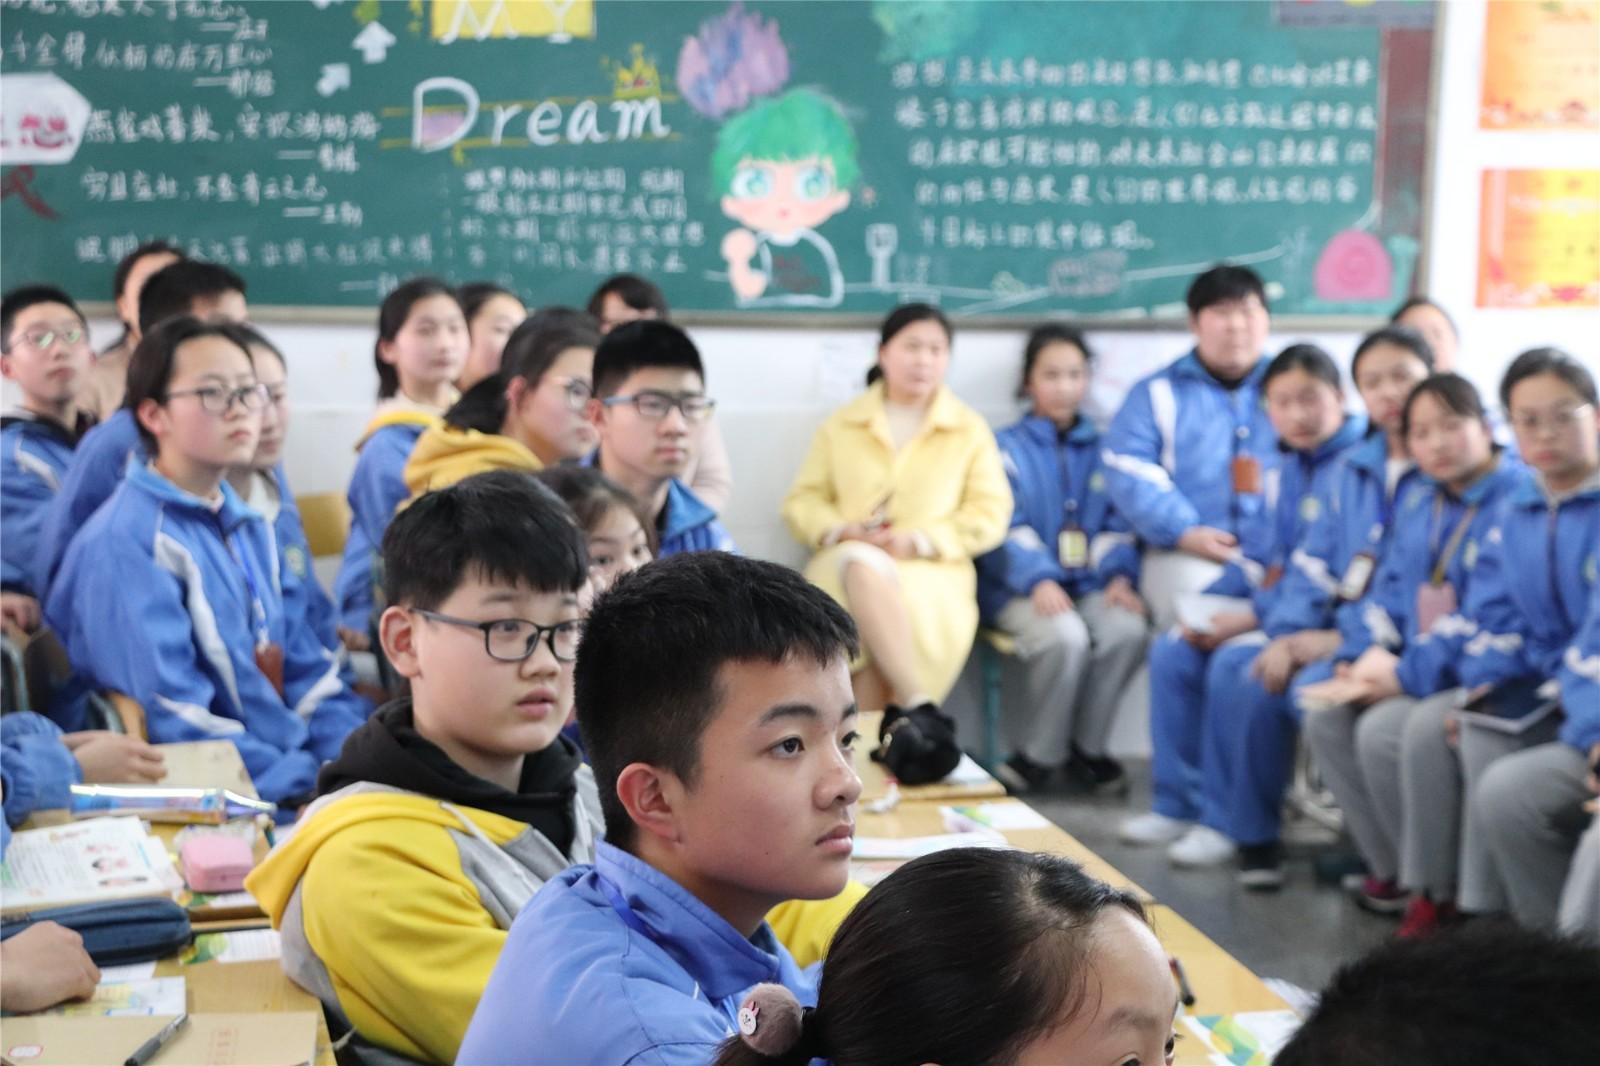 现场救护第一目击者行动——记湘潭市益智中学家长进课堂